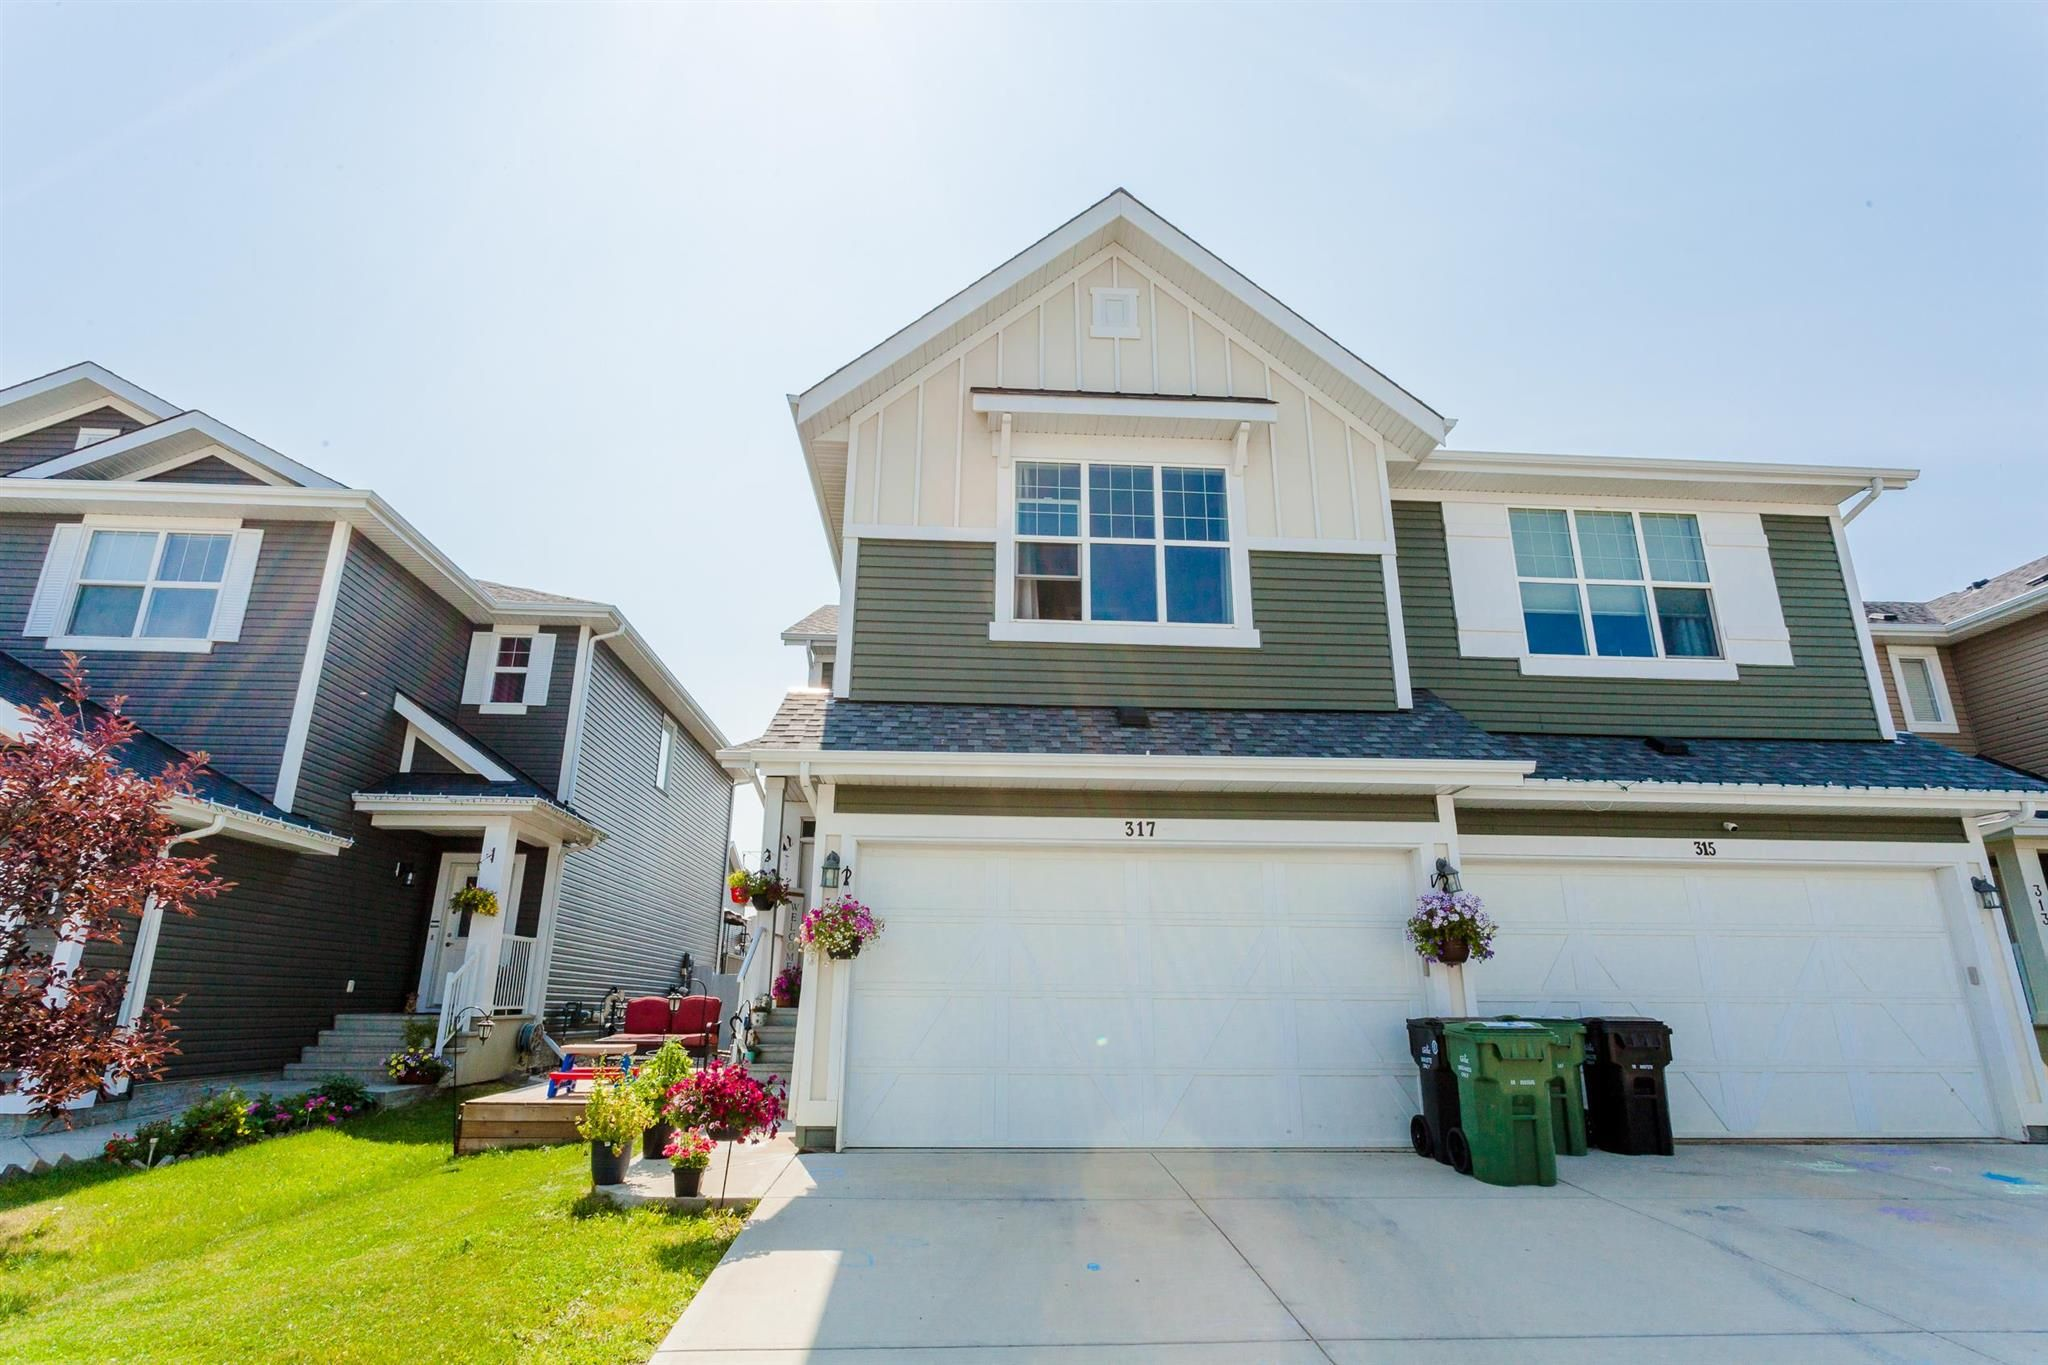 Main Photo: 317 Simmonds Way: Leduc House Half Duplex for sale : MLS®# E4254511